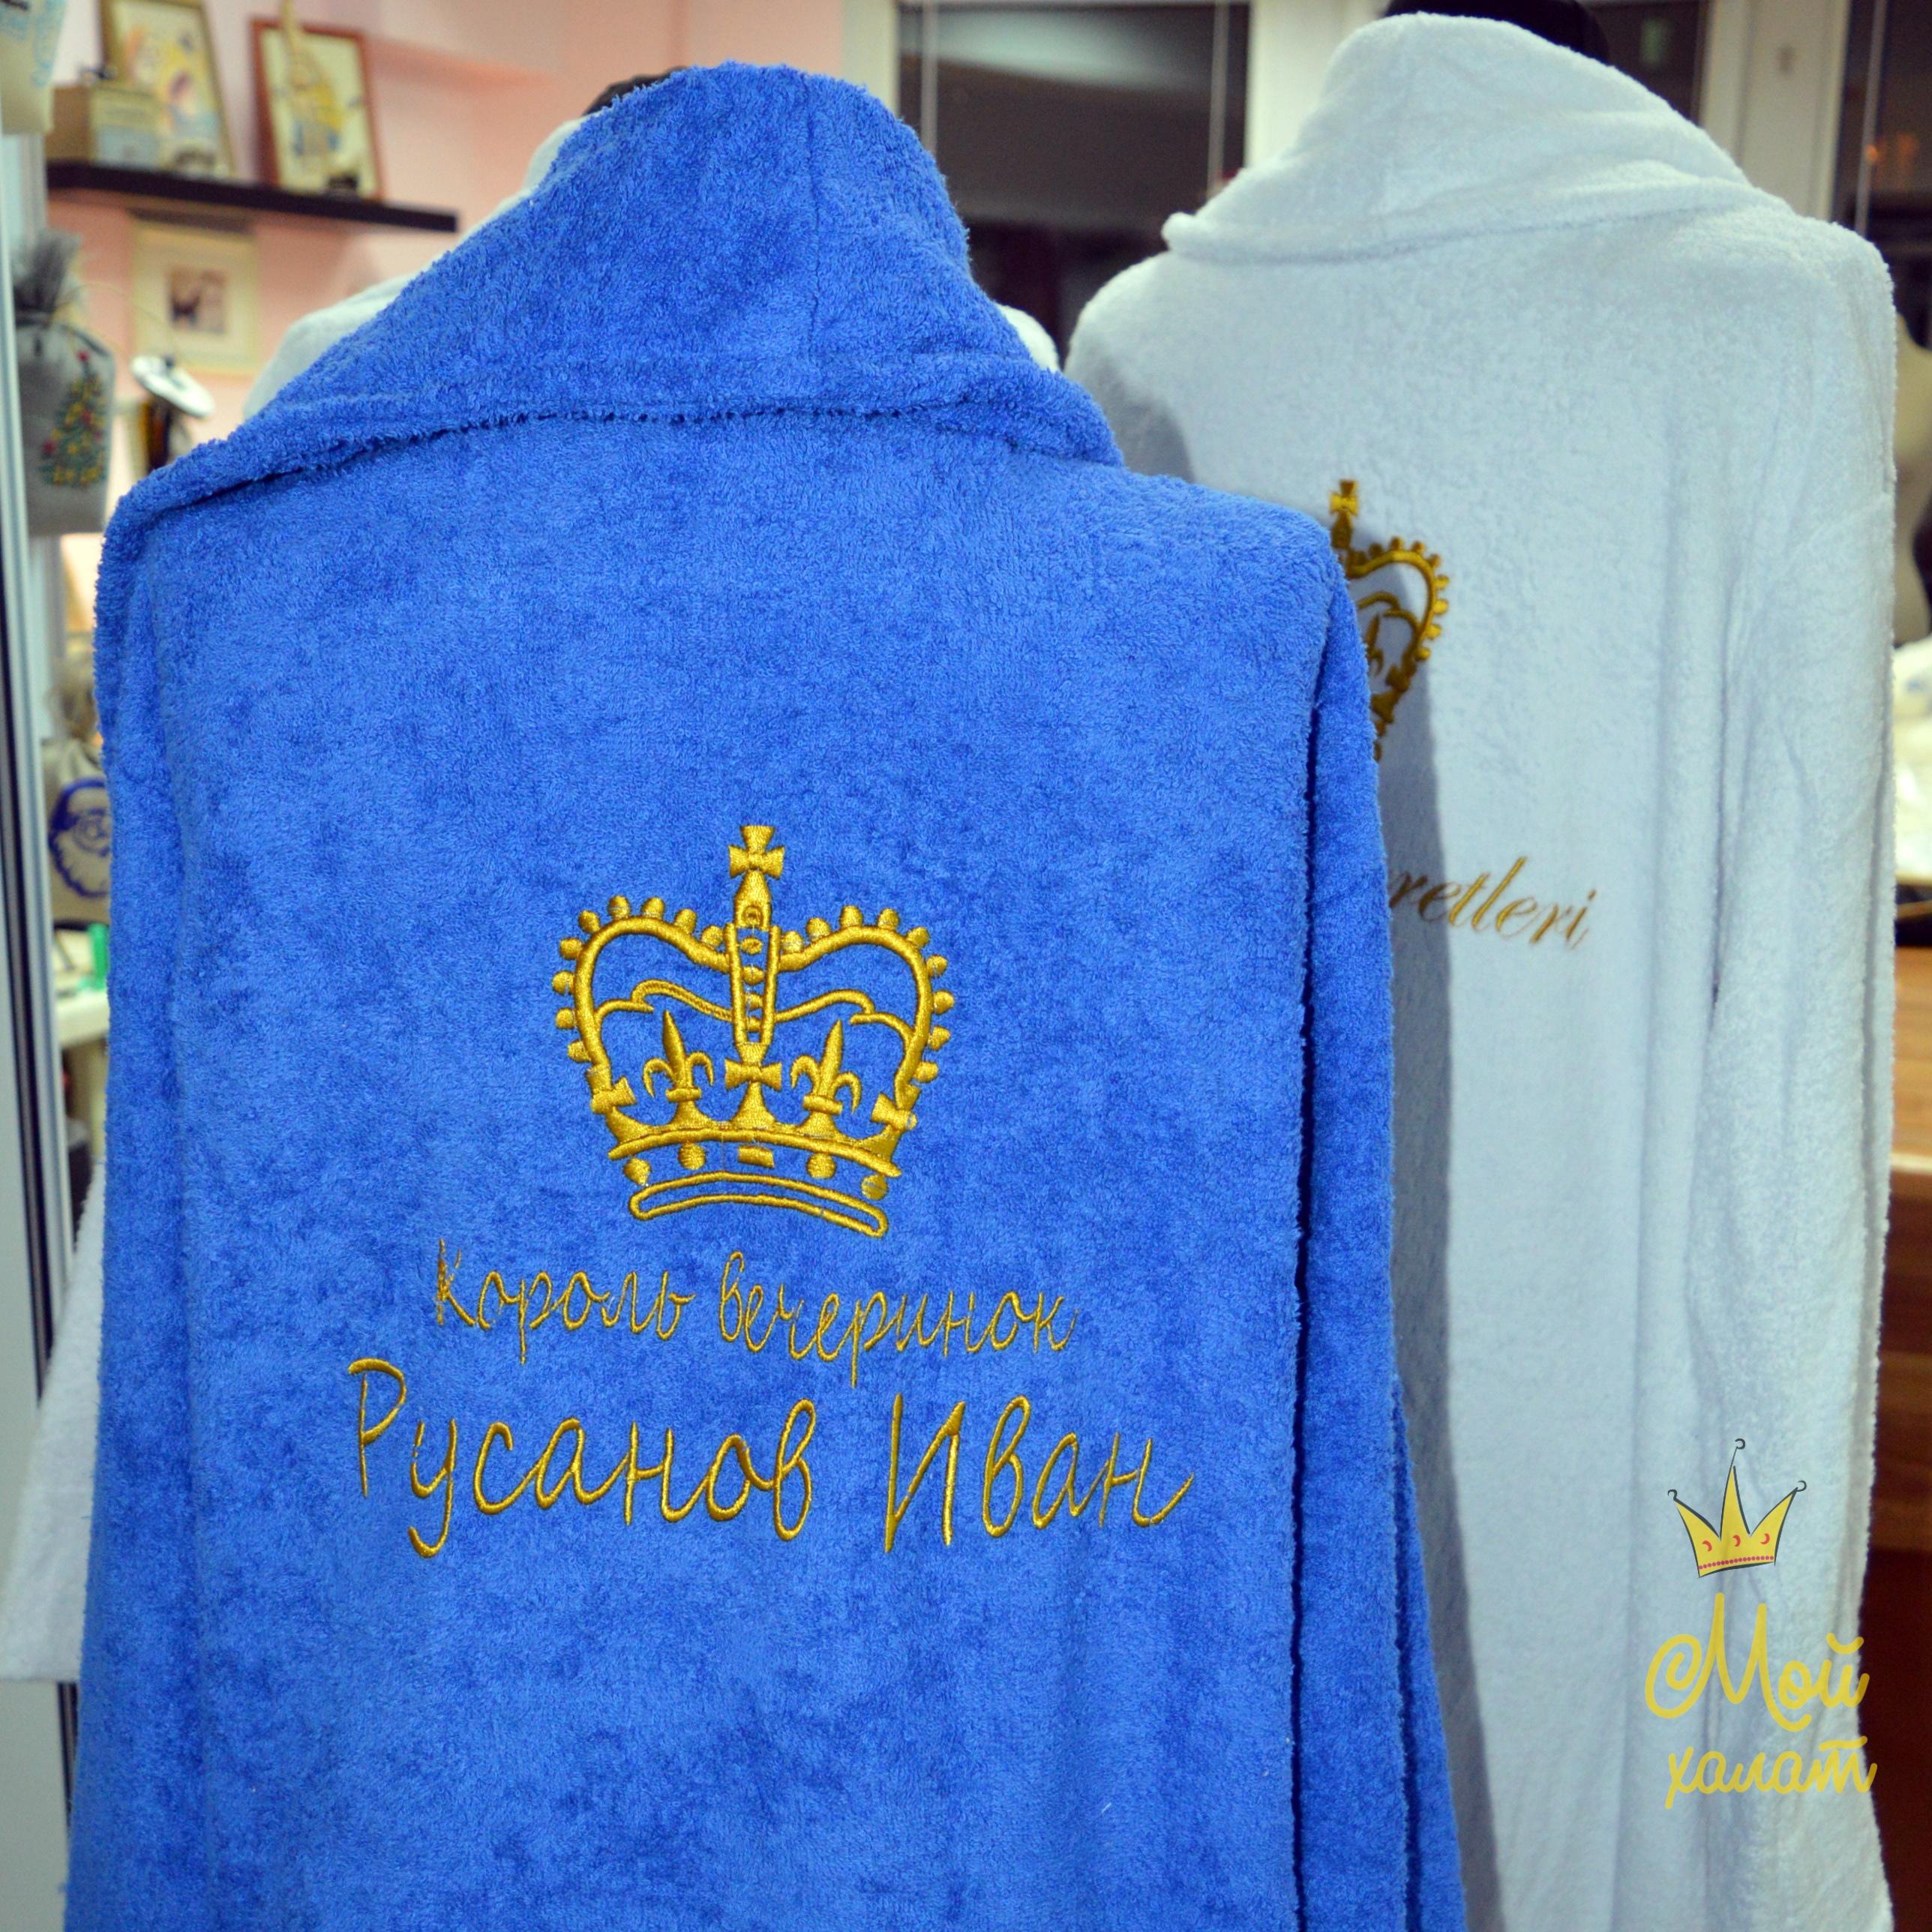 Заказать, купить халат с именной вышивкой в Ростове 87